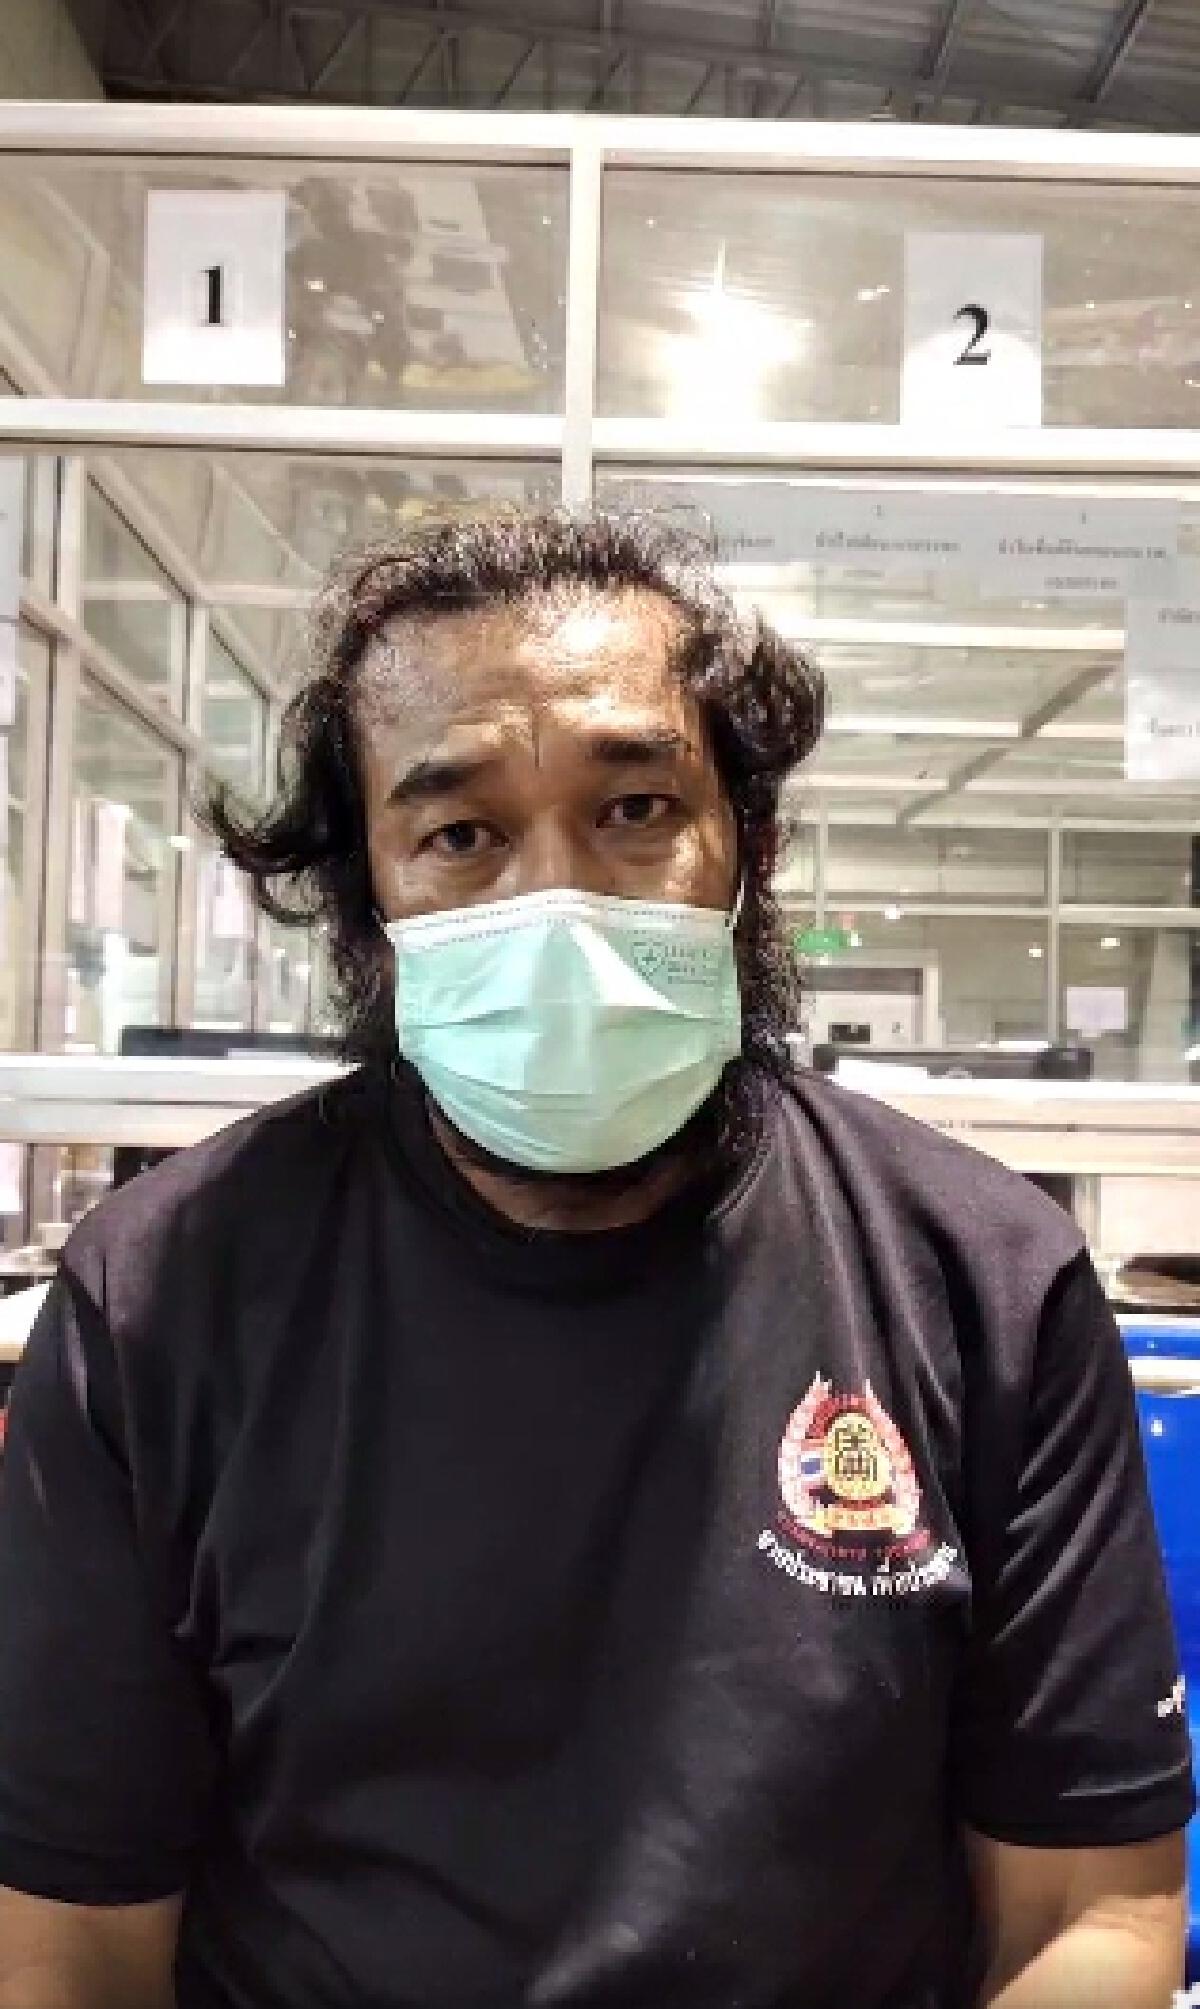 โซเชียลระอุ #Saveบังซา ขอความเป็นธรรมจนท.อาสา หลังถูกให้ออกจากรพ.บุษราคัม